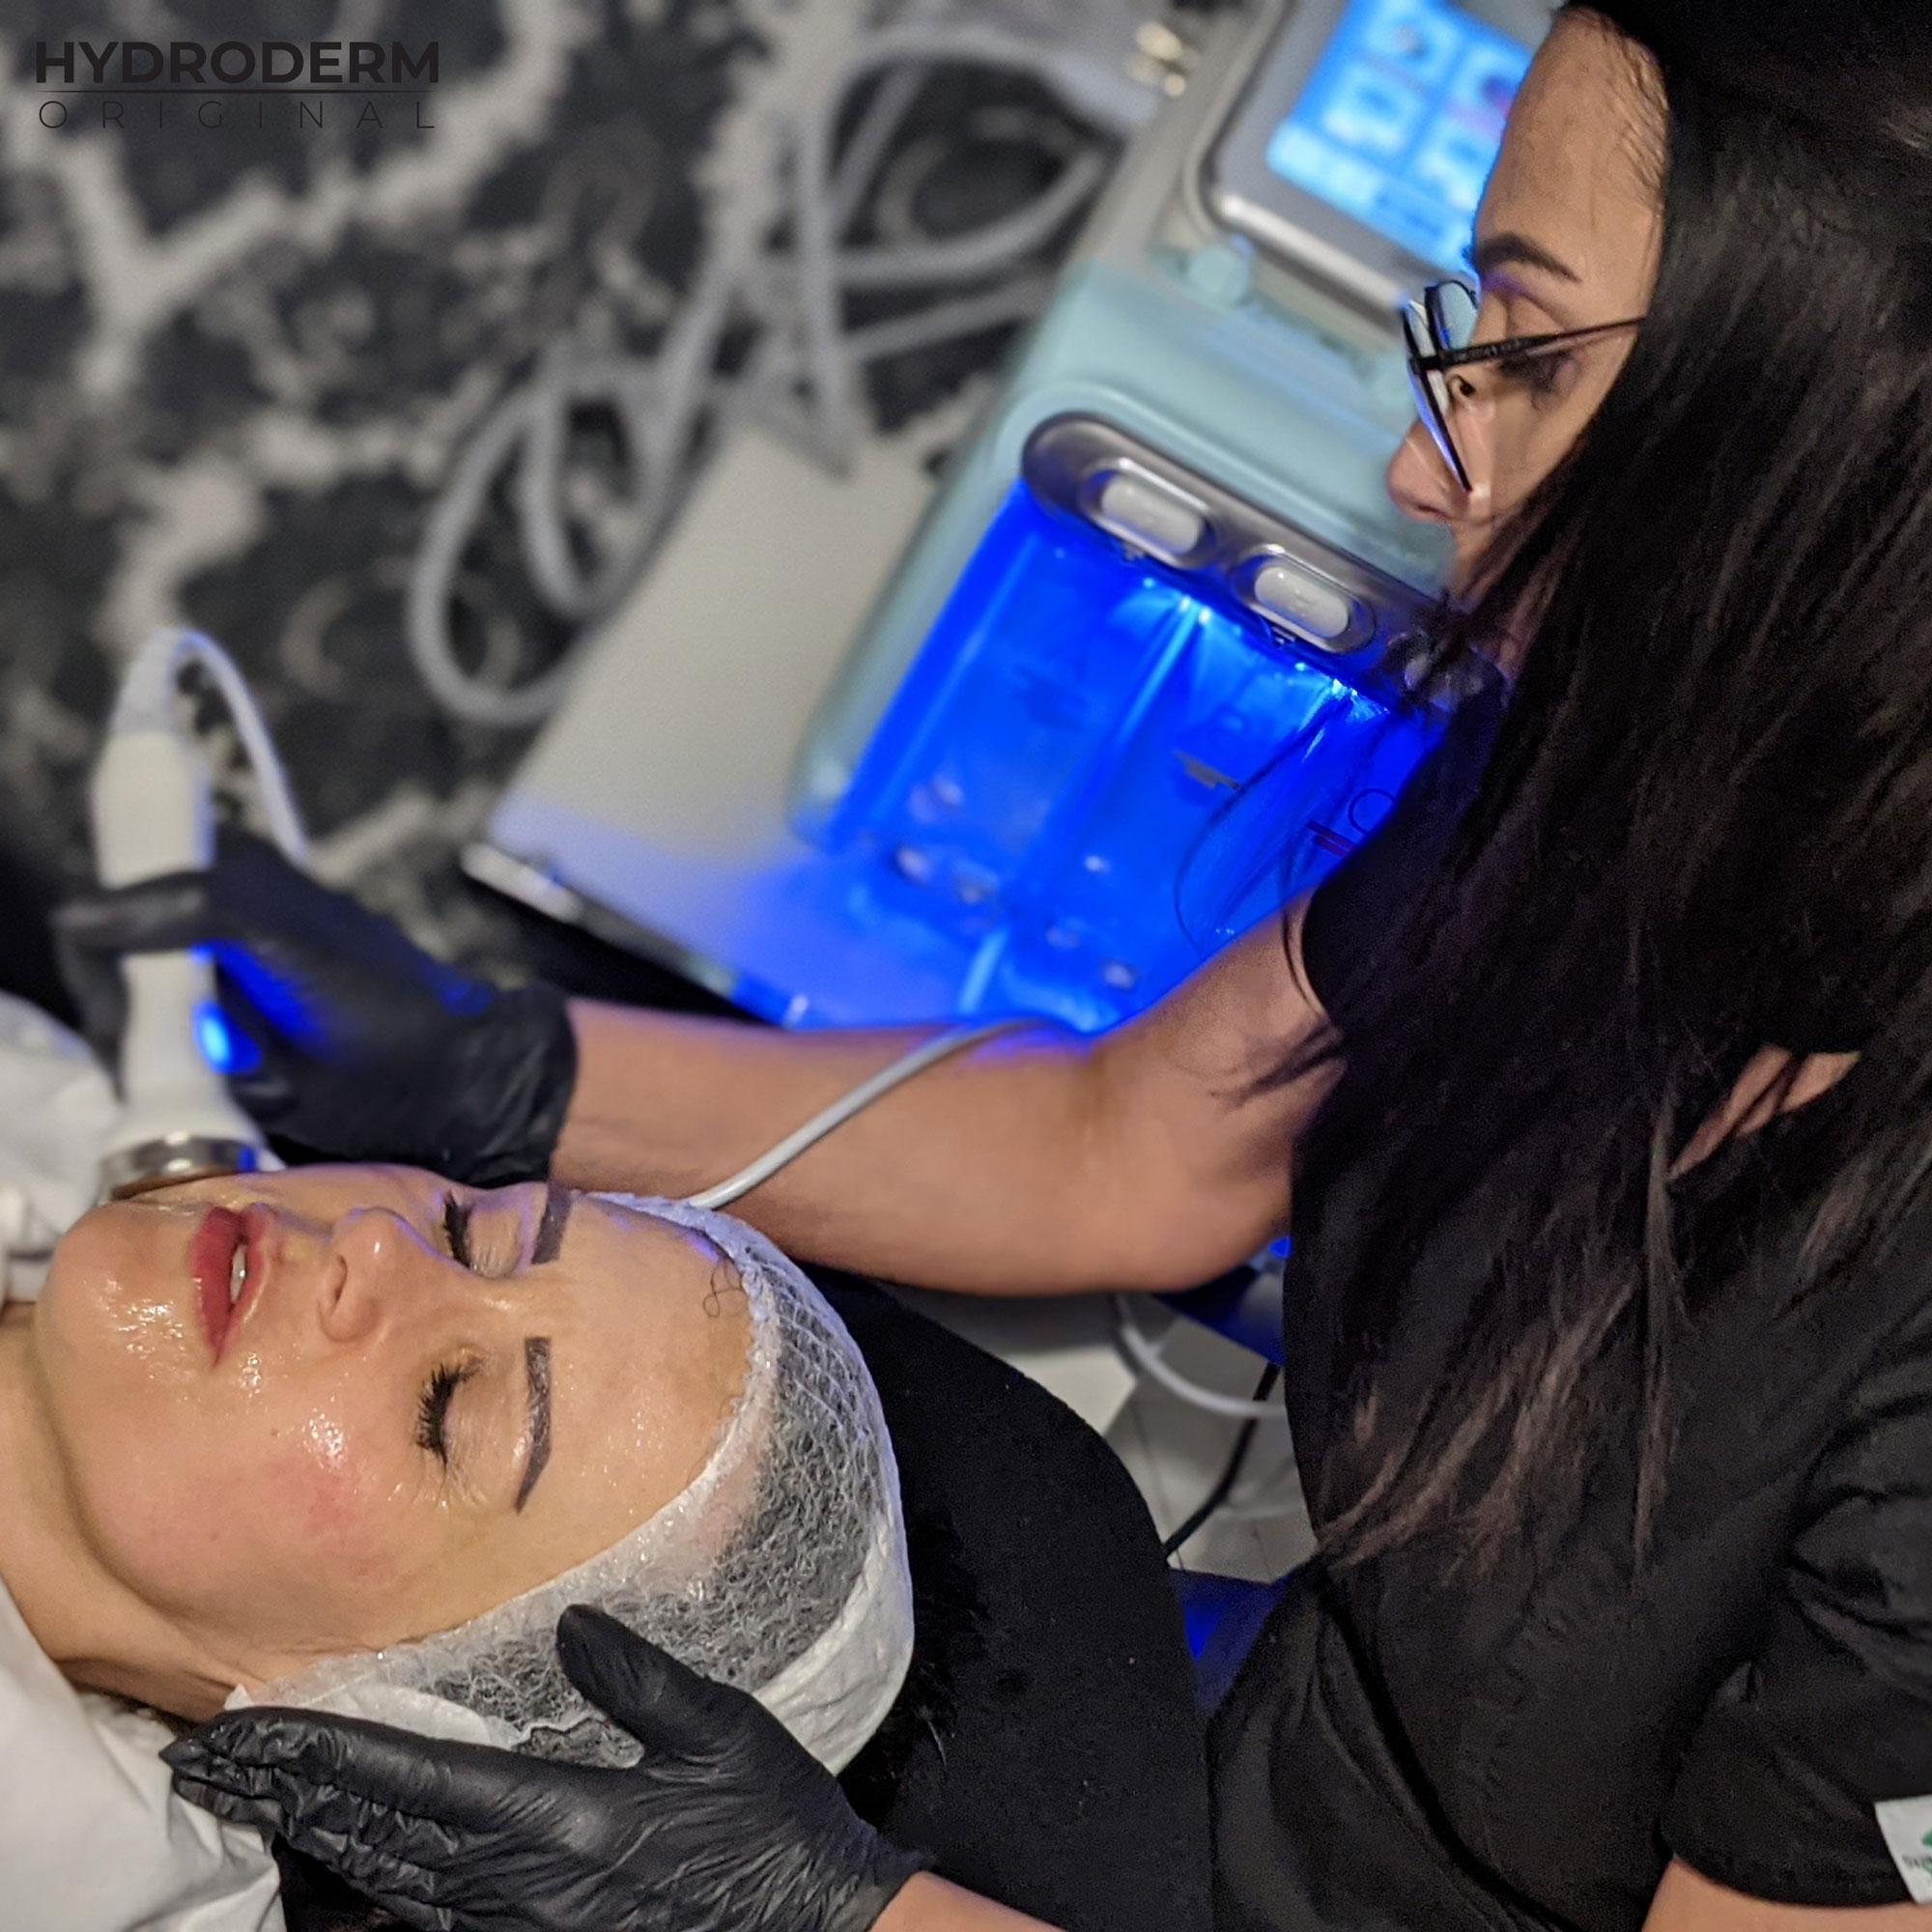 Krioterapia ma za zadanie zamknąć składniki aktywne zawarte w kosmetykach oraz ukoić podrażnioną skórę